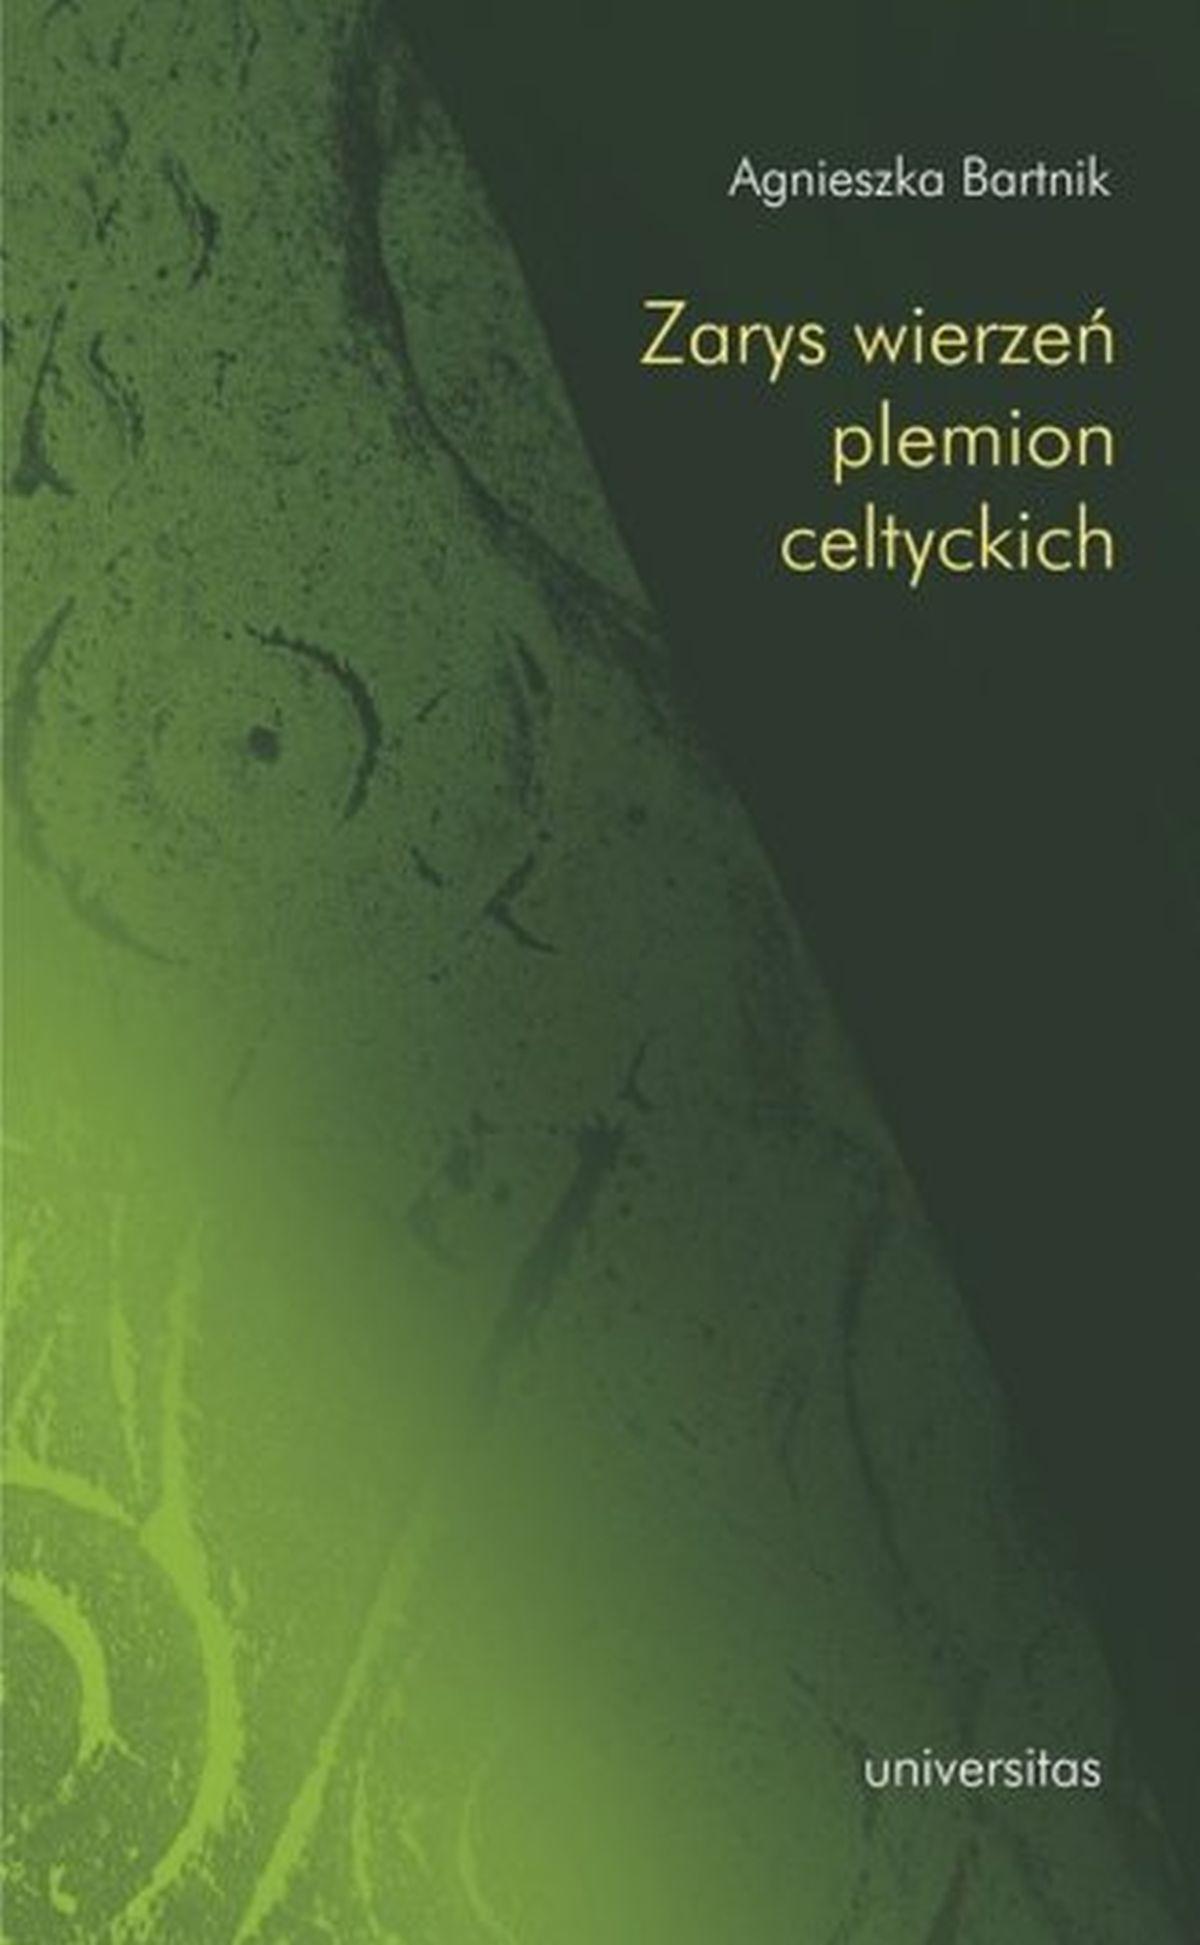 Zarys wierzeń plemion celtyckich